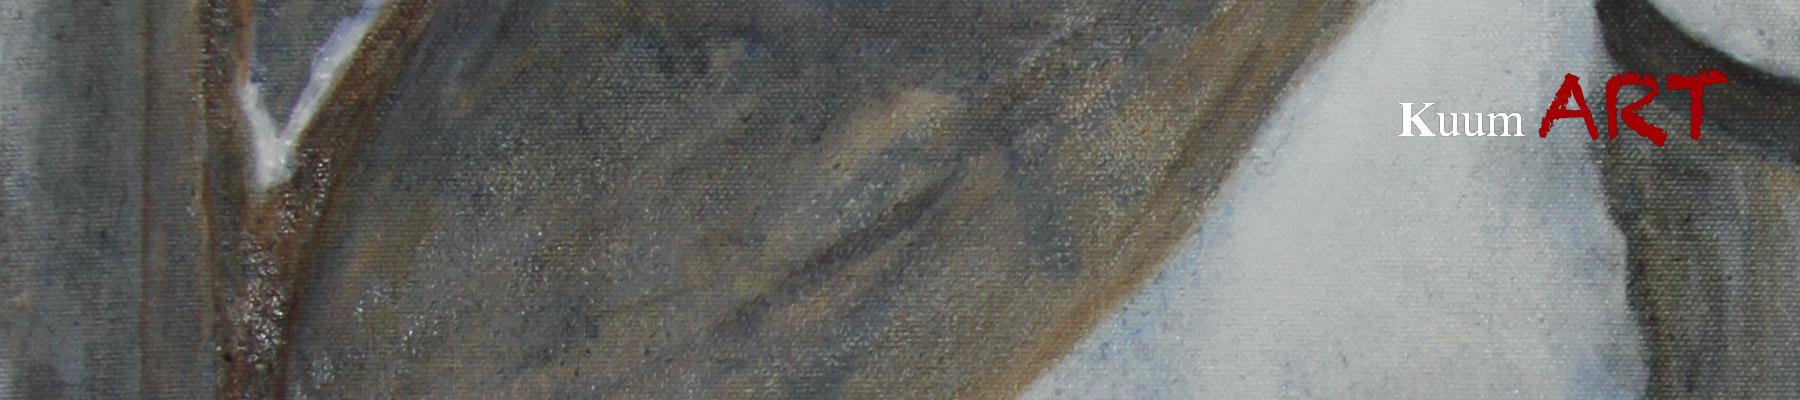 Taideyhdistys KuumArt ry